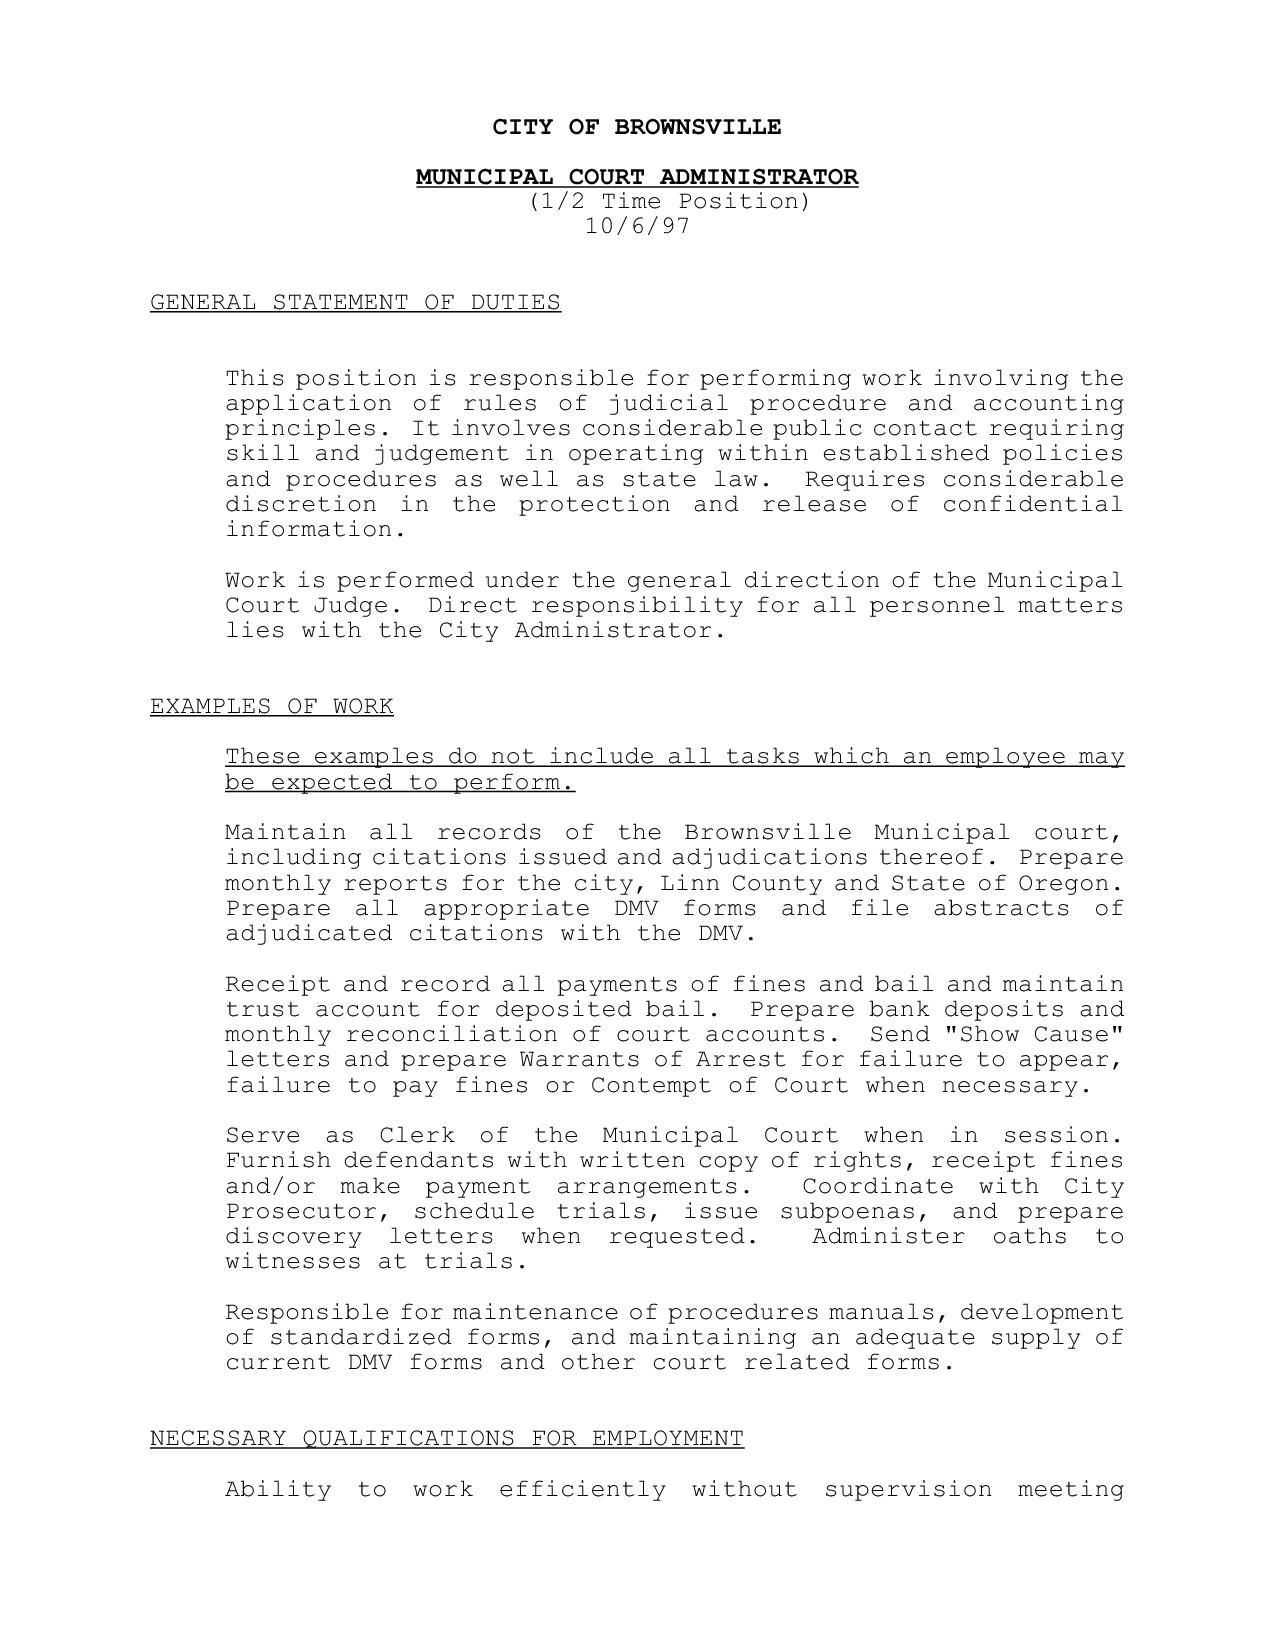 Sample Resume for Australian Jobs Resume for Government Jobs Australia Sidemcicek Com